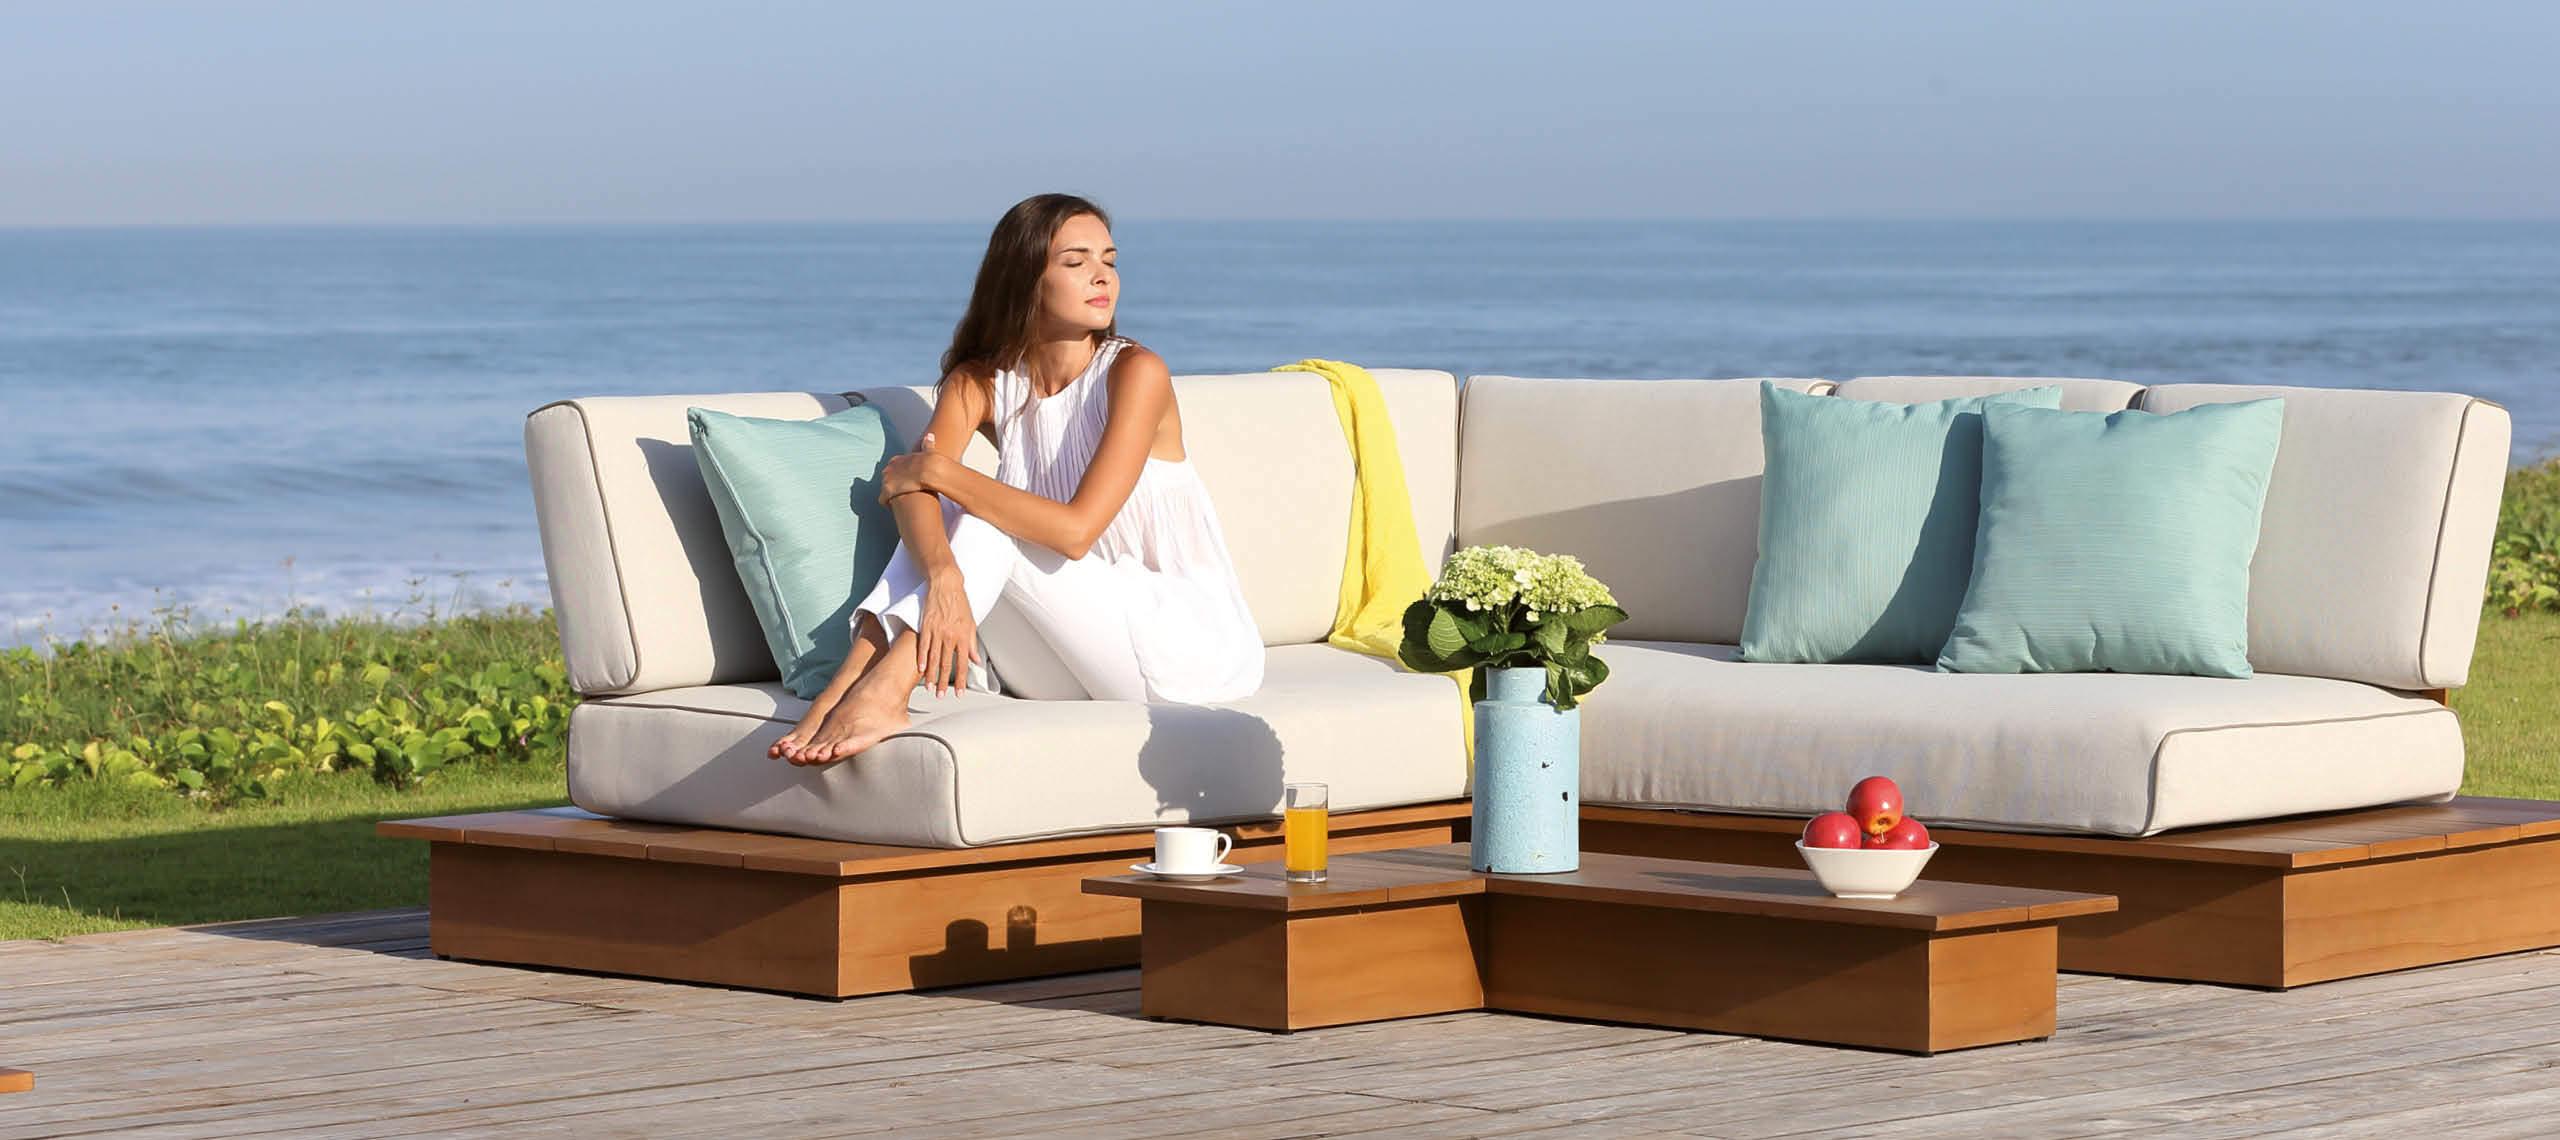 Exklusive Loungemöbel Outdoor   Luxus für Terrasse & Garten